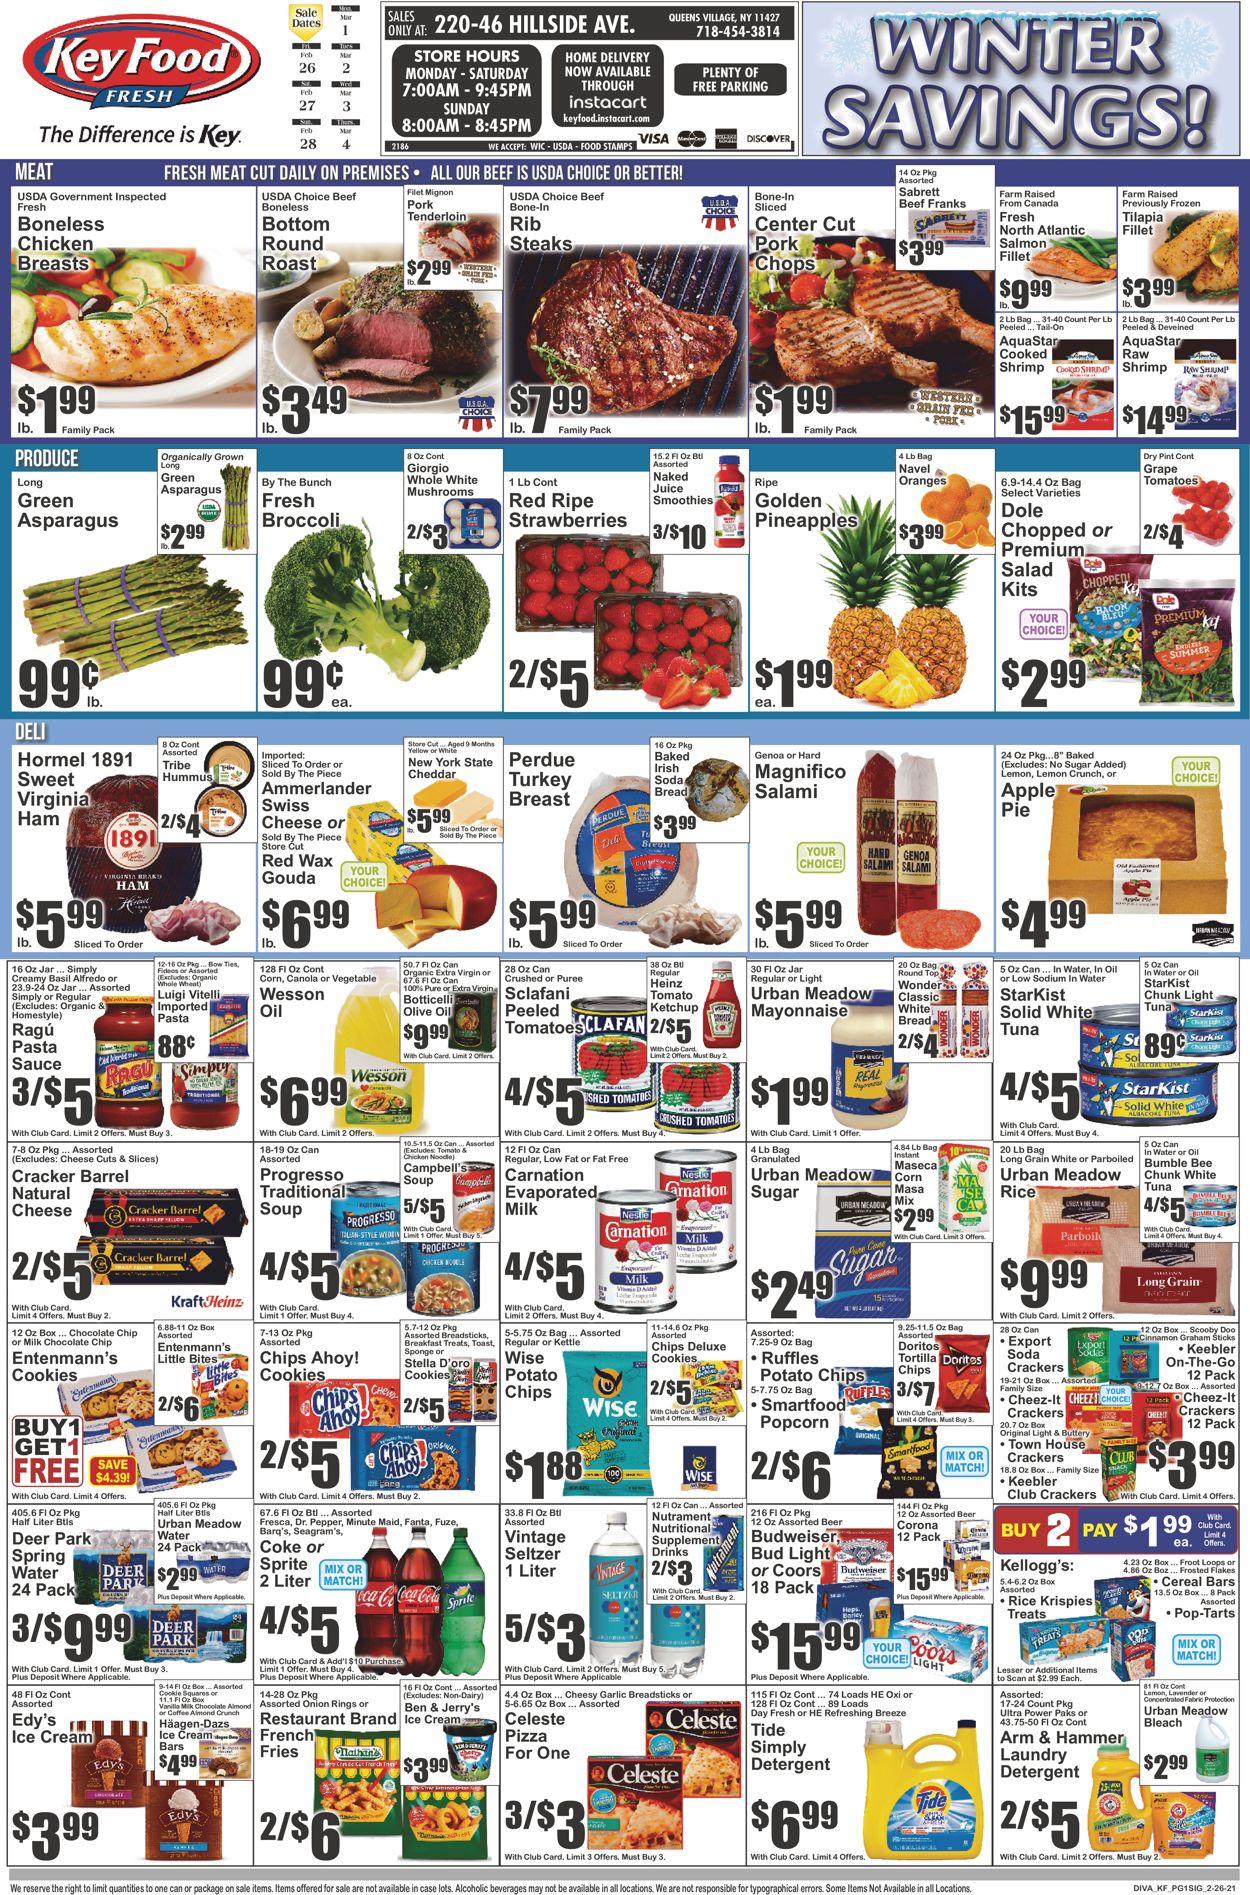 Key Food Weekly Ad Circular - valid 02/26-03/04/2021